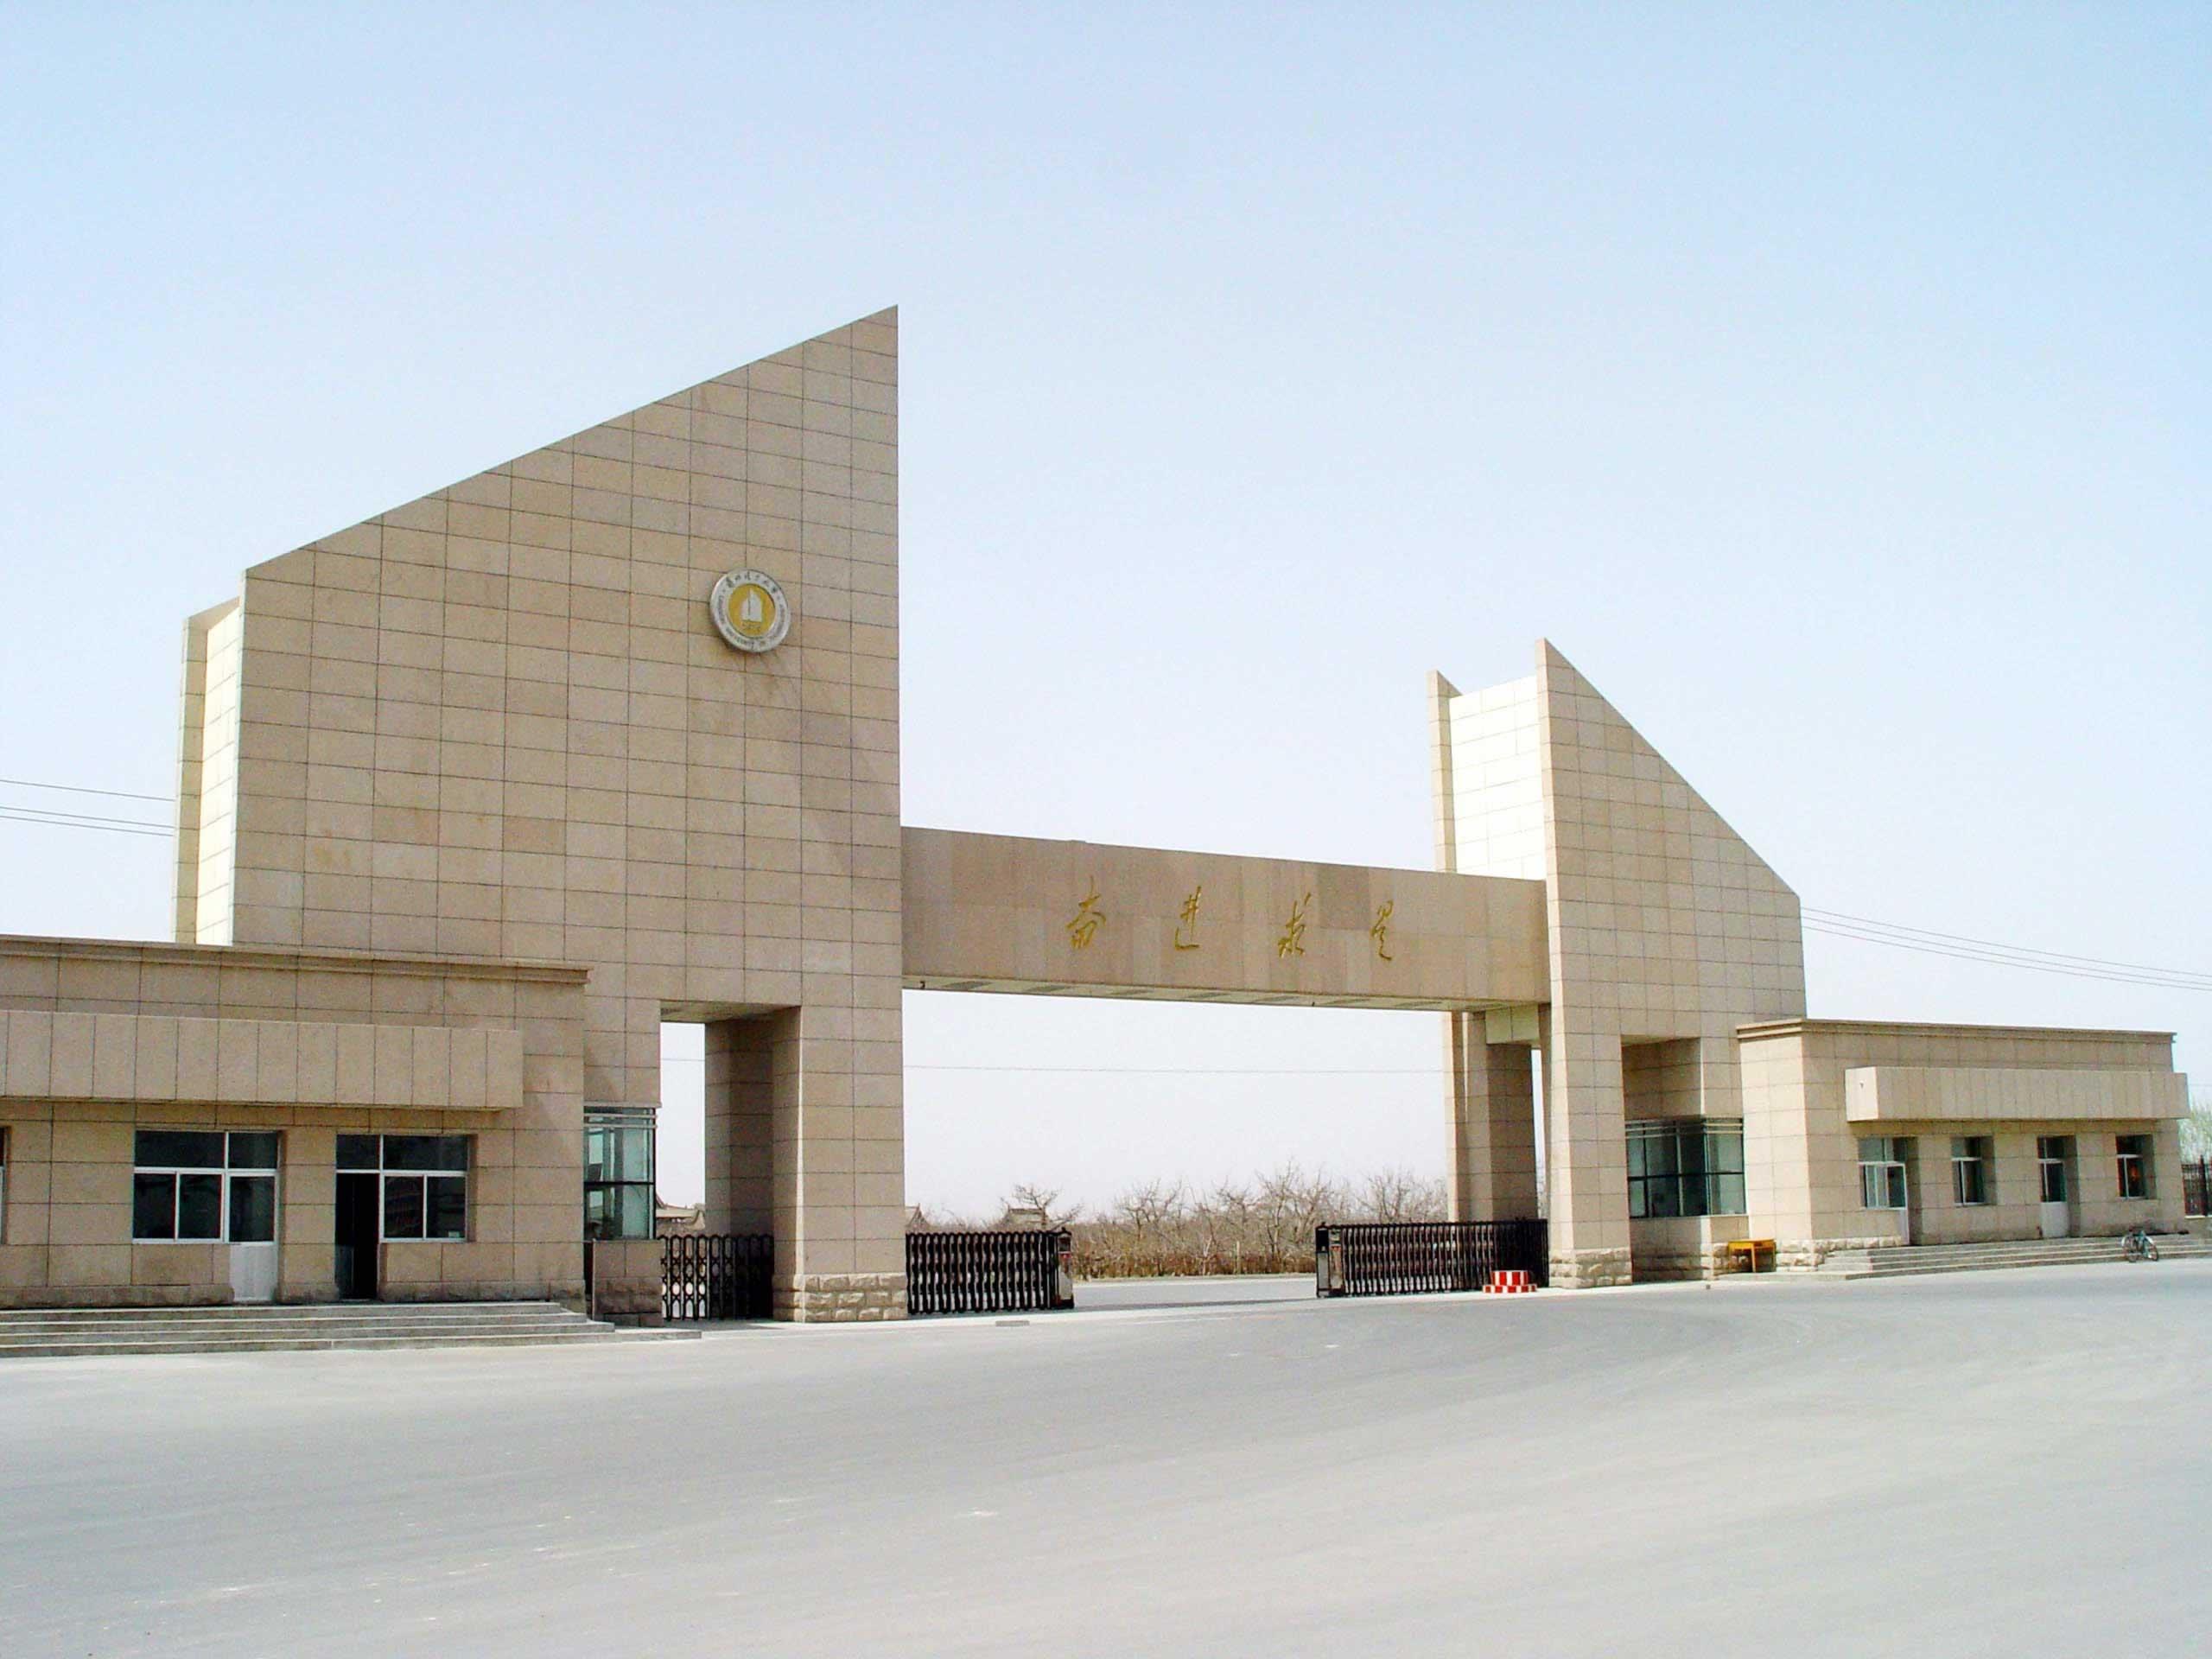 兰州理工大学,甘肃兰州,中国 - panoramio.jpg